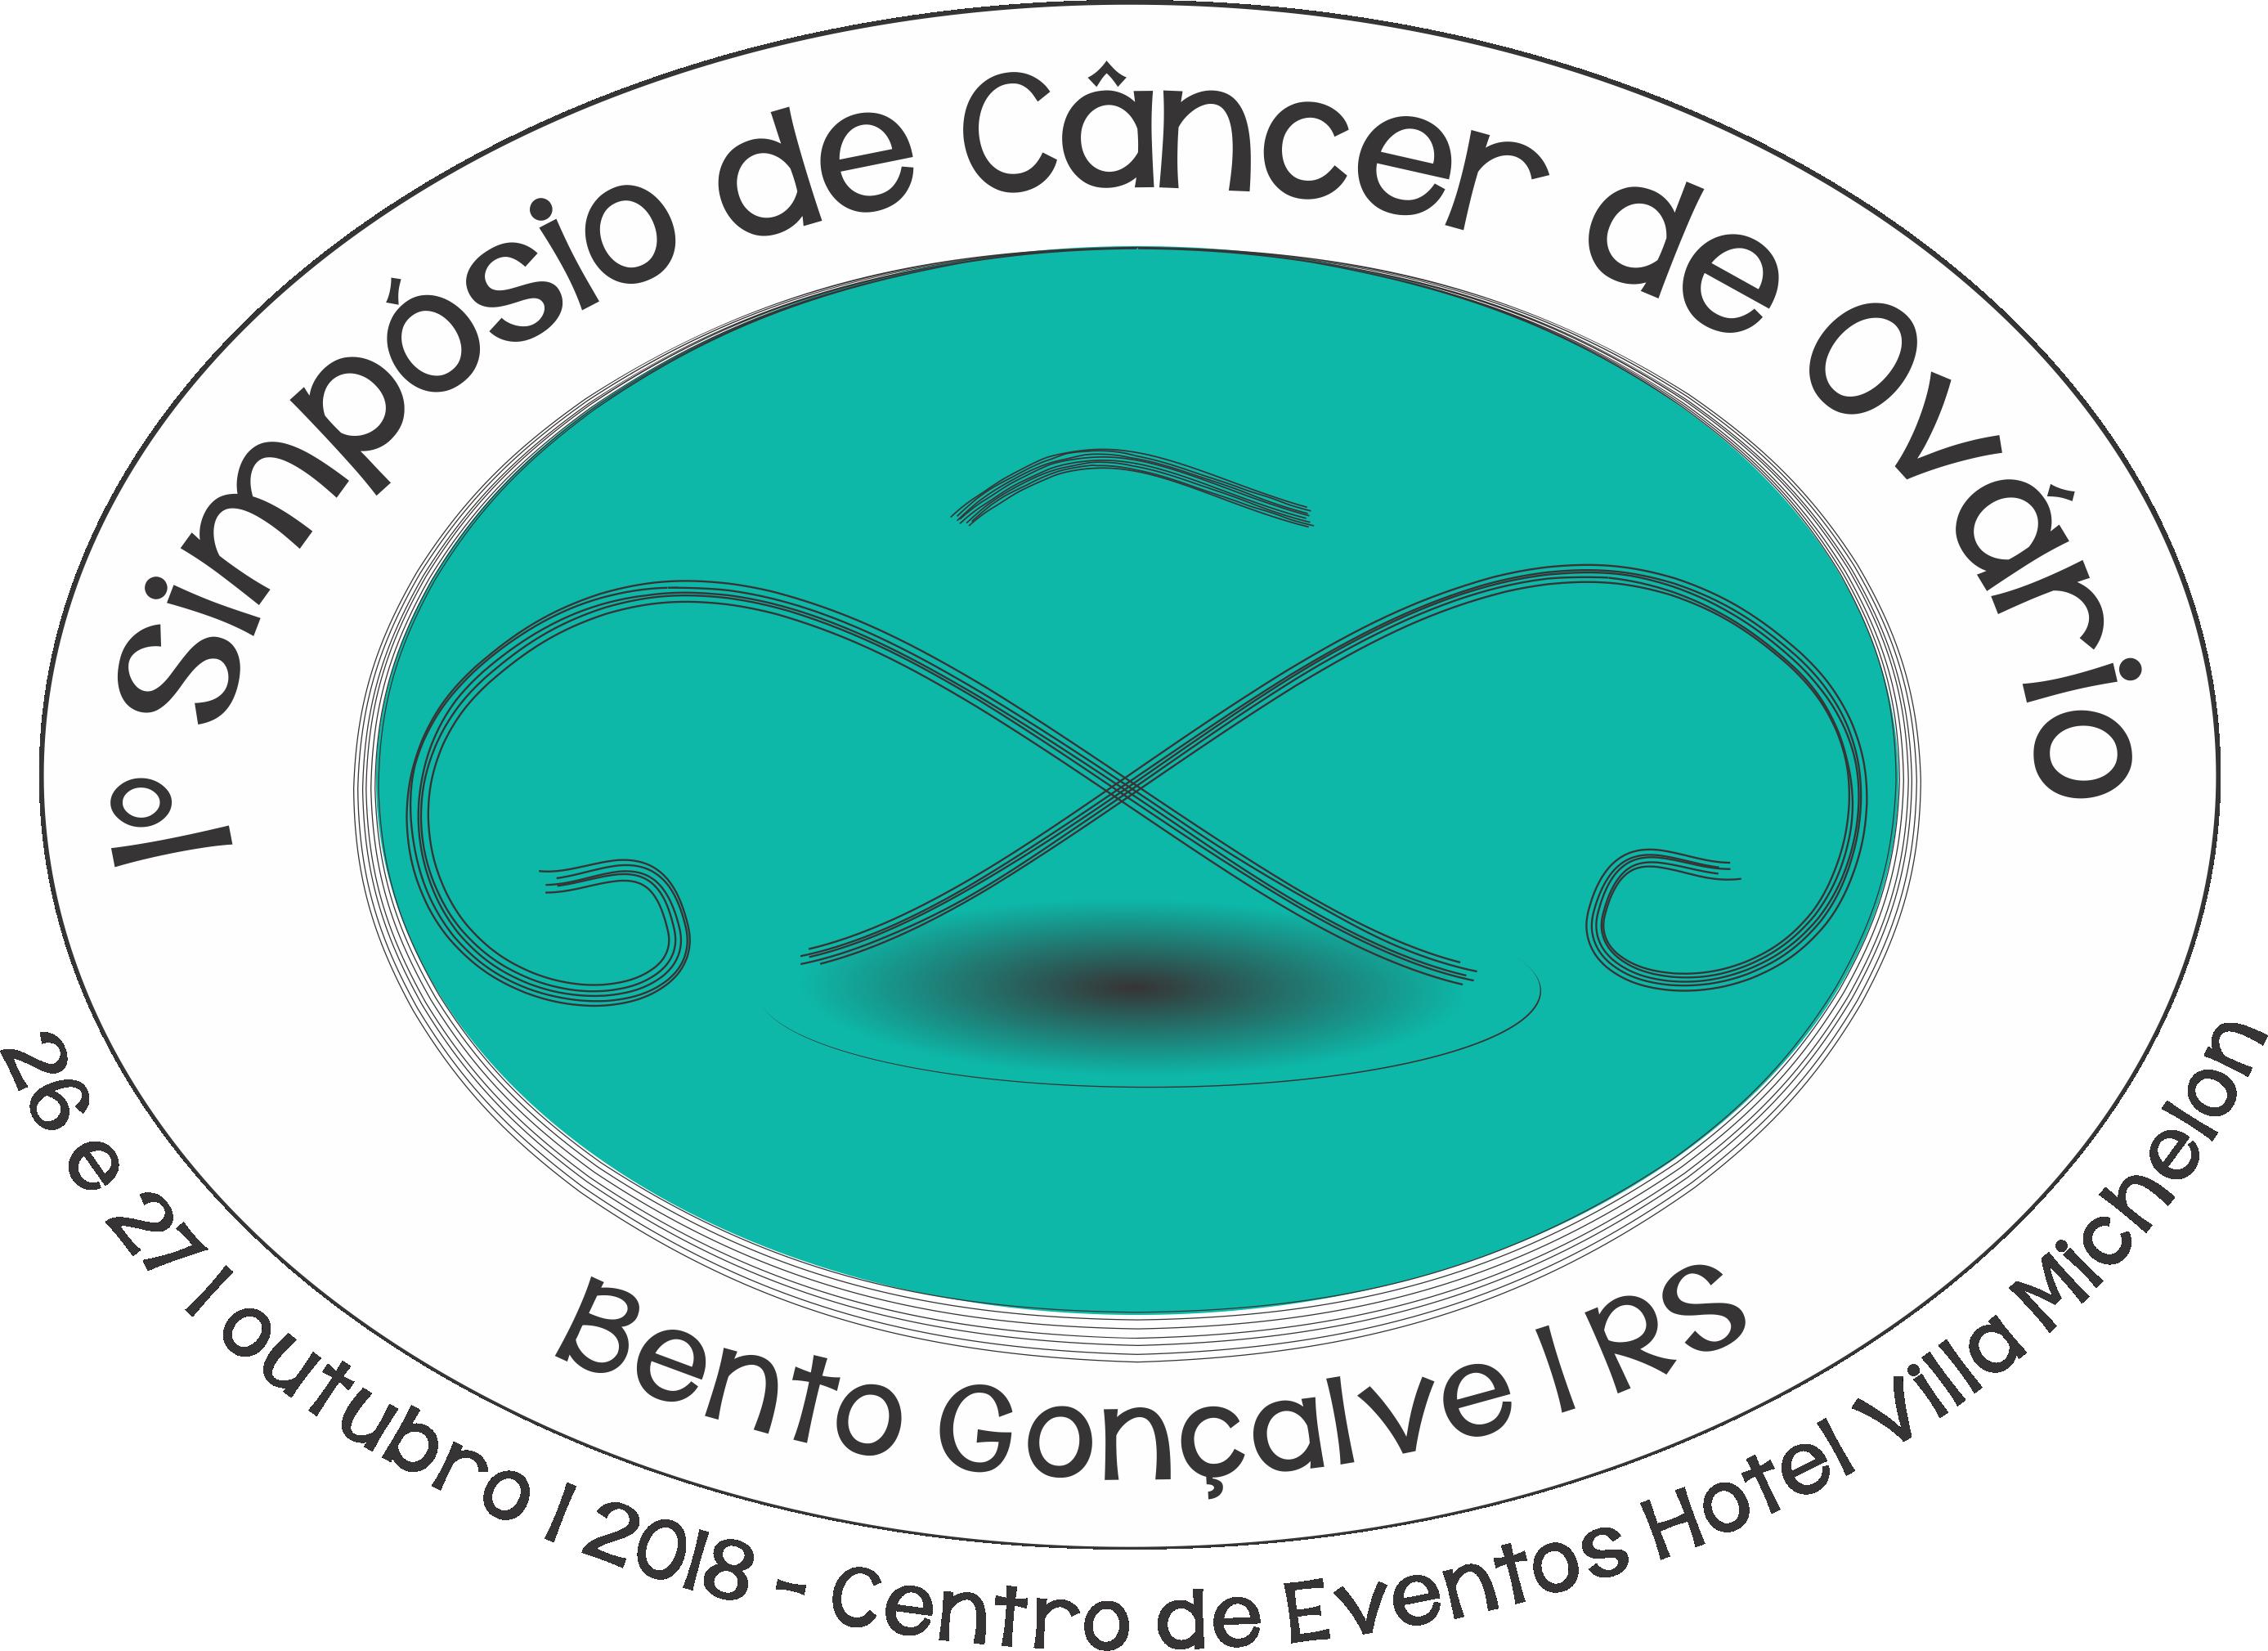 I Simpósio de Câncer de Ovário - Bento Gonçalves 2018